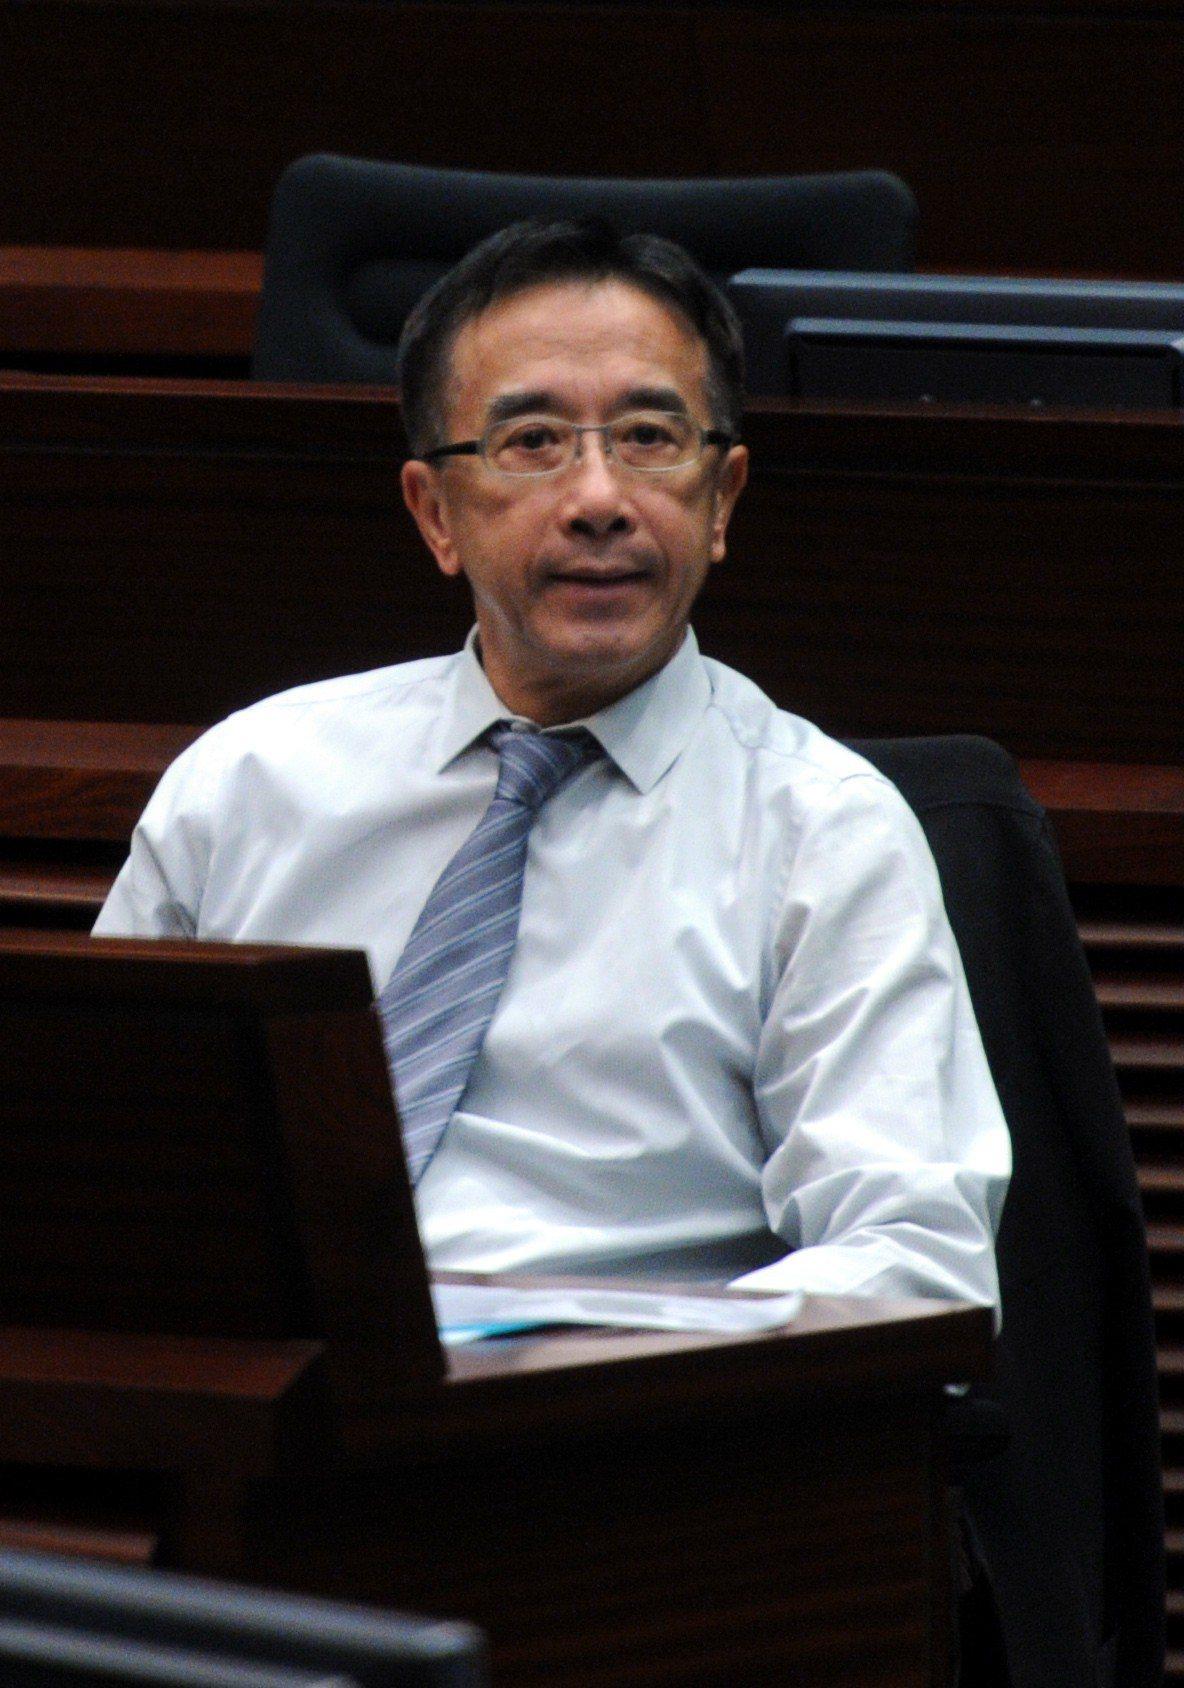 建制派自由黨榮譽主席田北俊。(中通社資料照片)